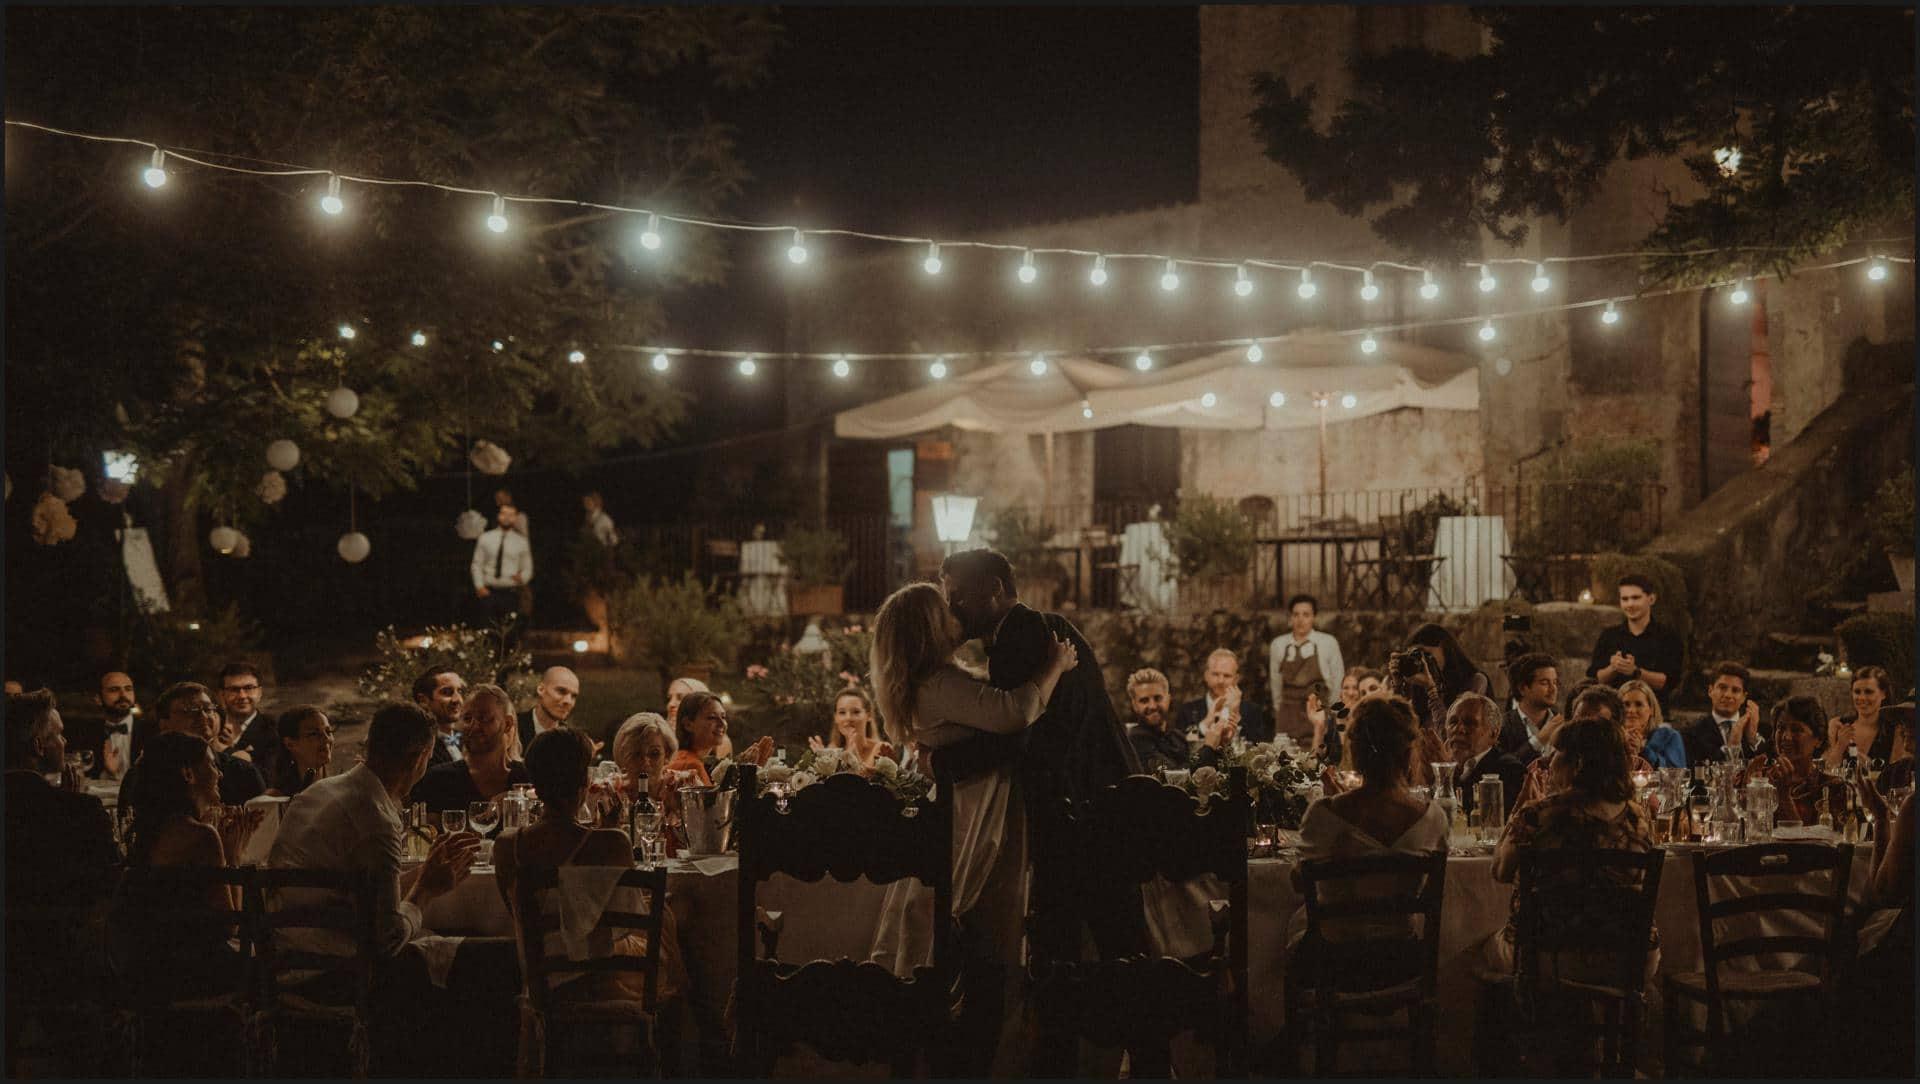 borgo di tragliata, wedding, rome, wedding in rome, wedding dinner, rome wedding, destination wedding in italy